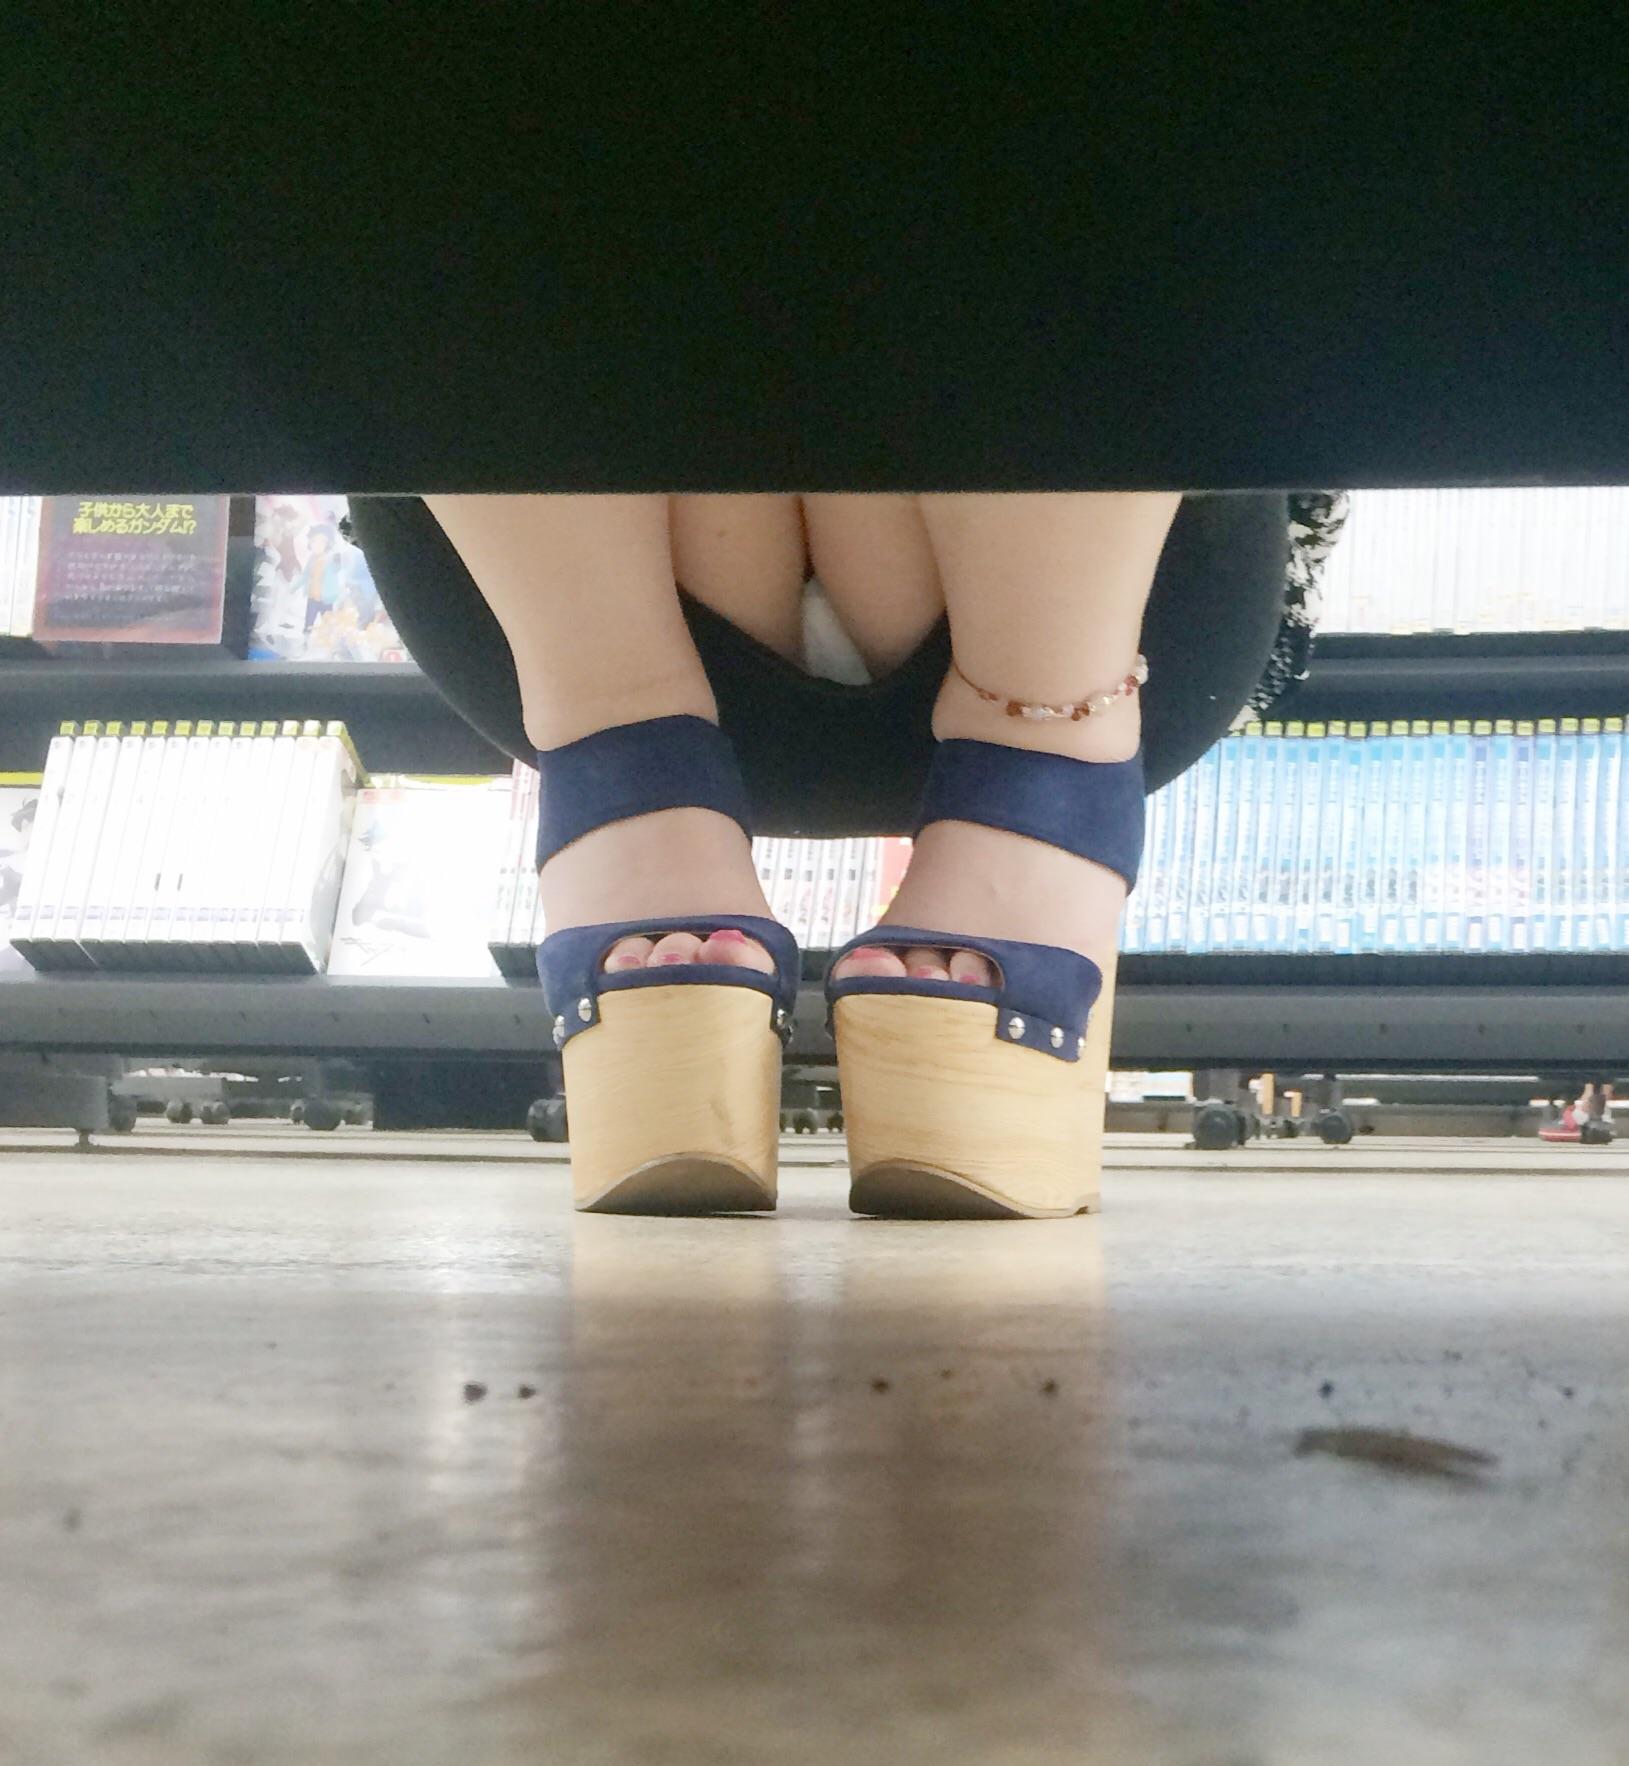 【パンチラエロ画像】棚の向こうに気配があればカメラの用意!店内パンチラ激写www 05